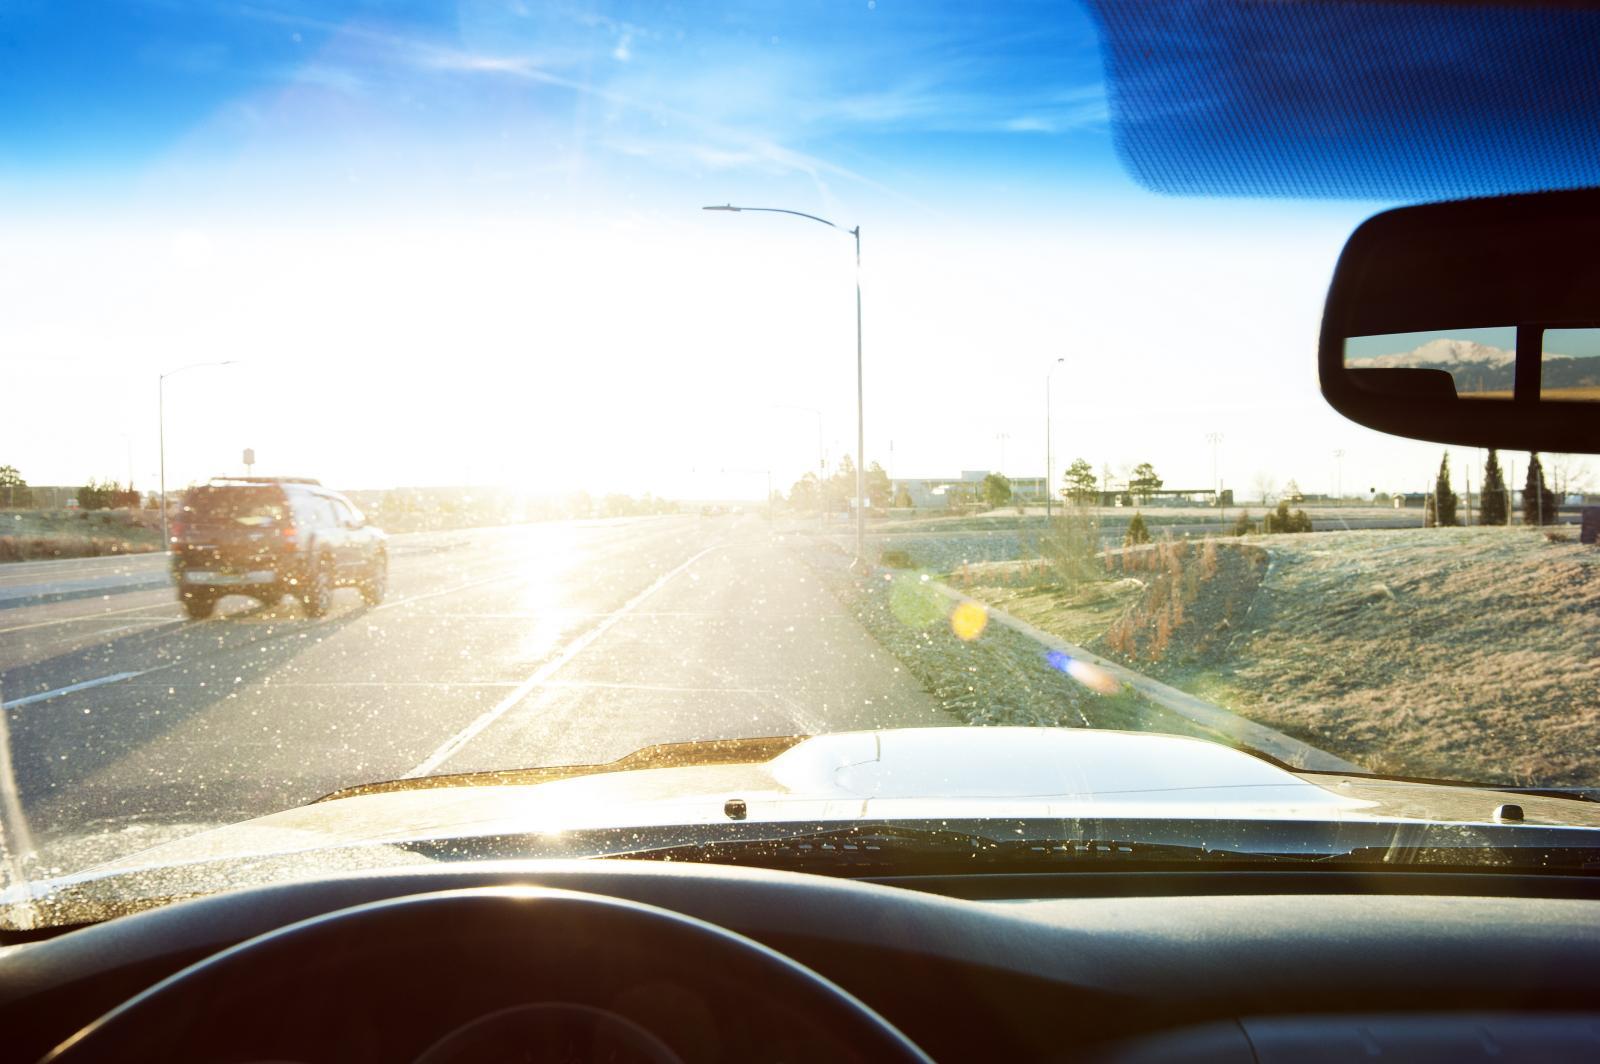 Conducir frente al sol